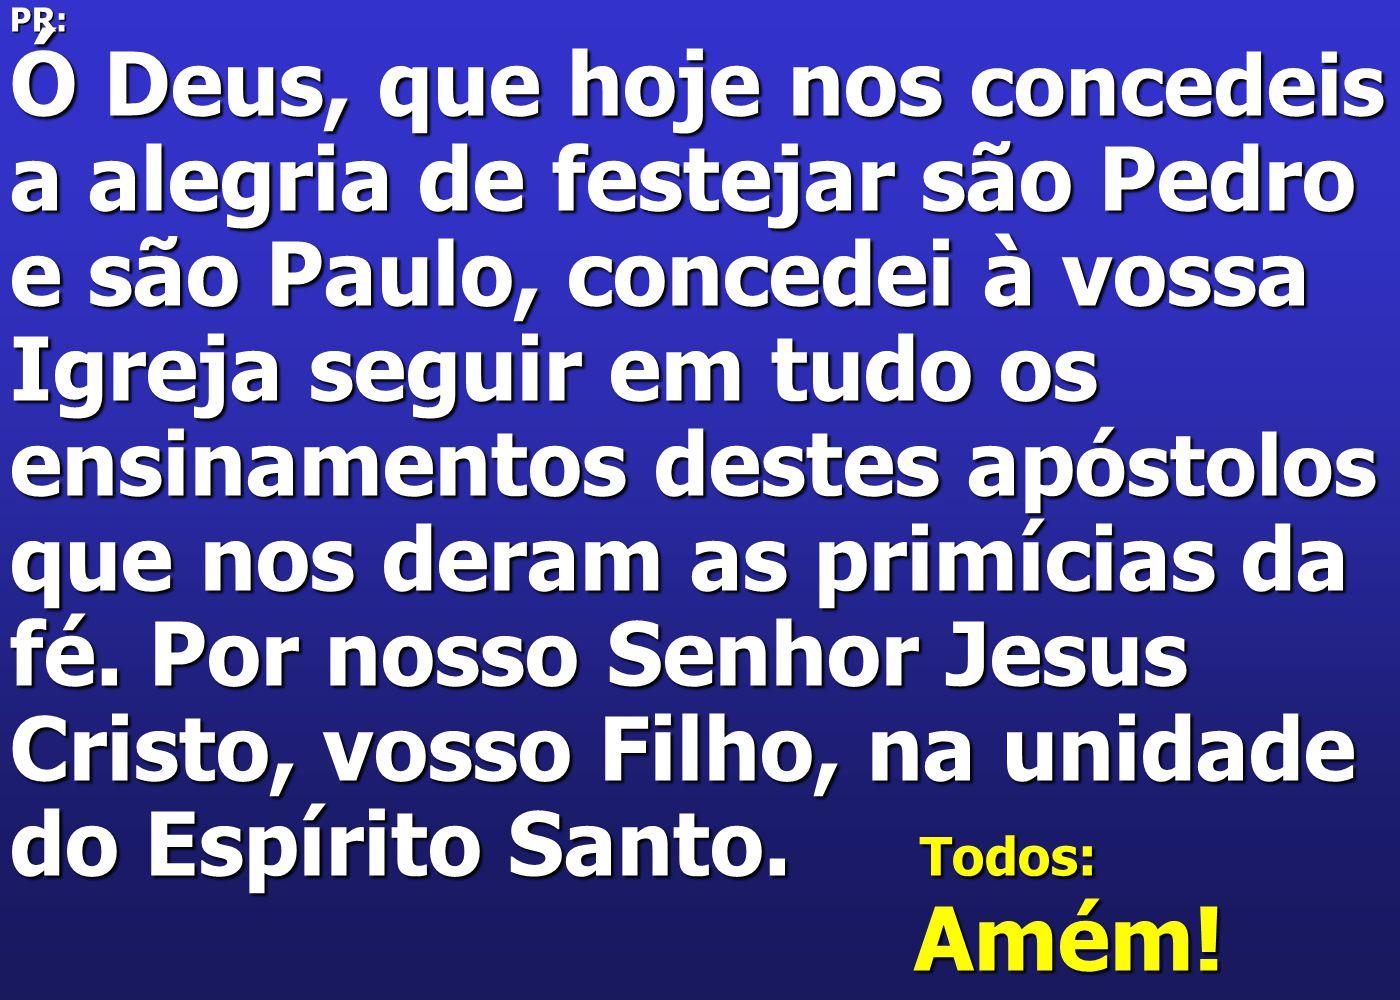 PR: Ó Deus, que hoje nos concedeis a alegria de festejar são Pedro e são Paulo, concedei à vossa Igreja seguir em tudo os ensinamentos destes ap óstol